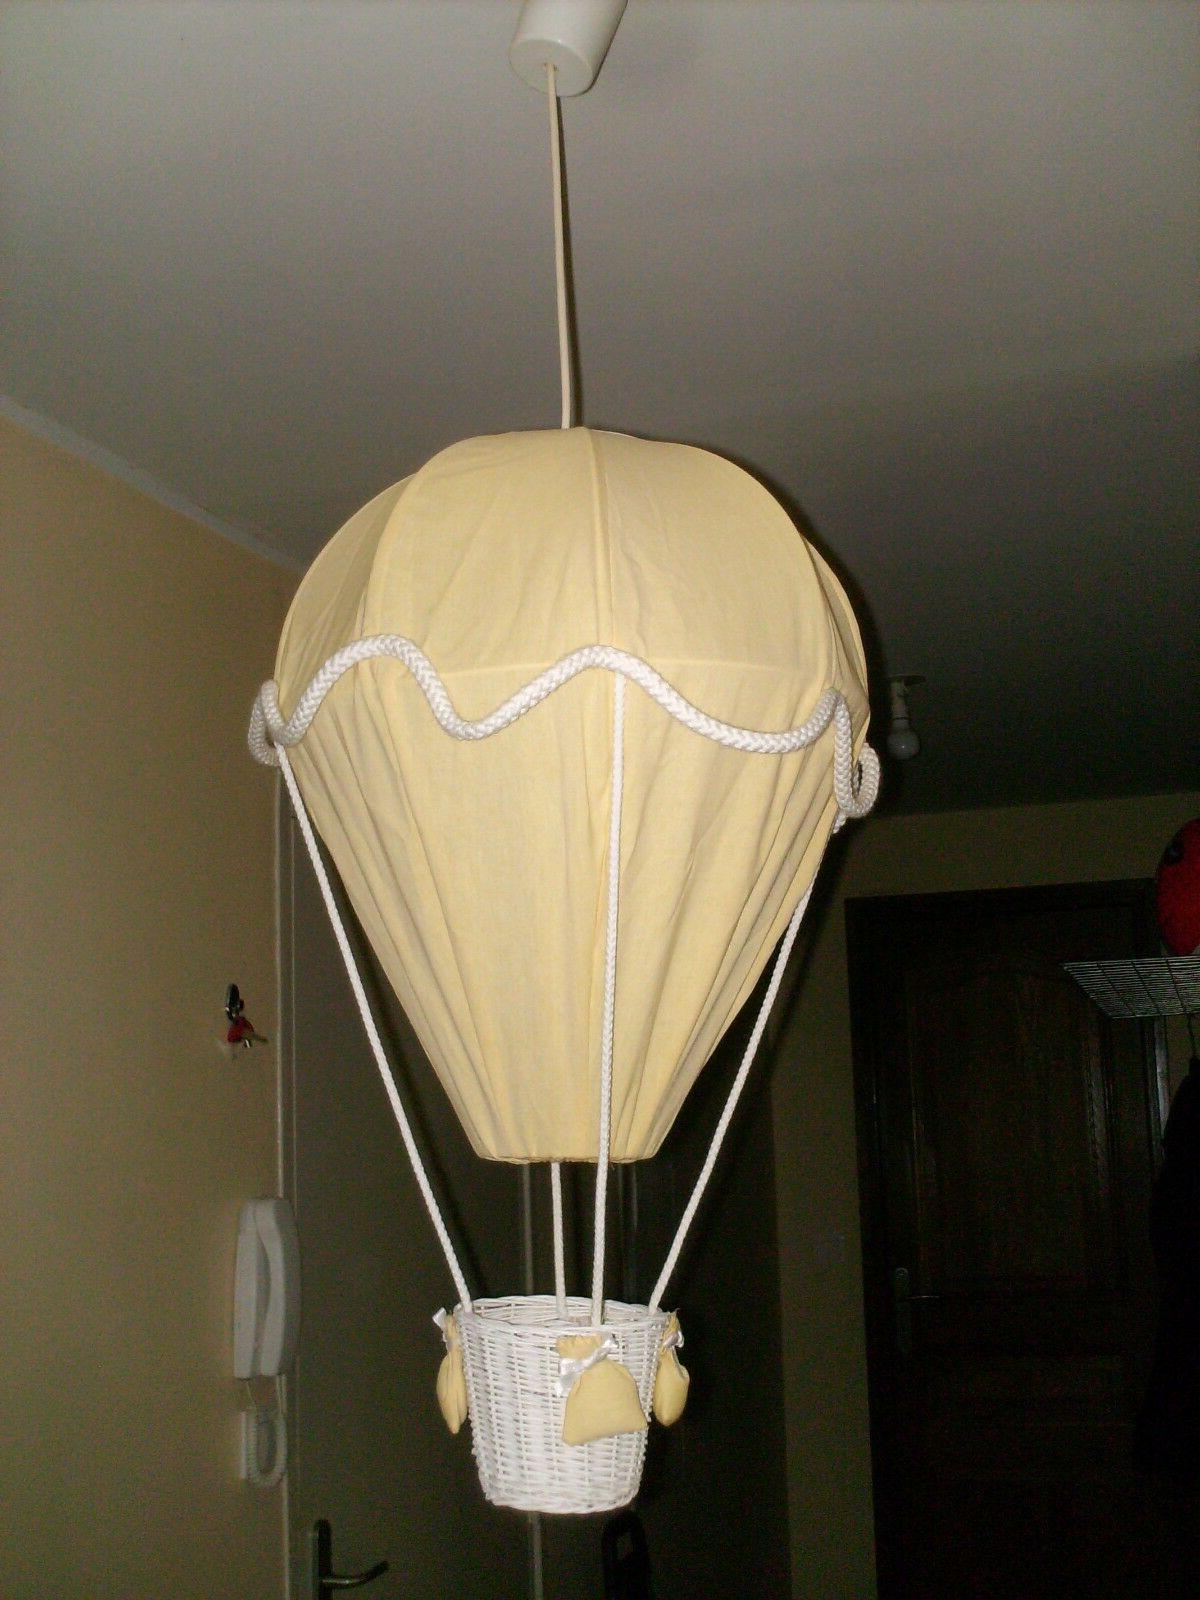 suspension luminaire lampe chambre enfant bebe montgolfiere